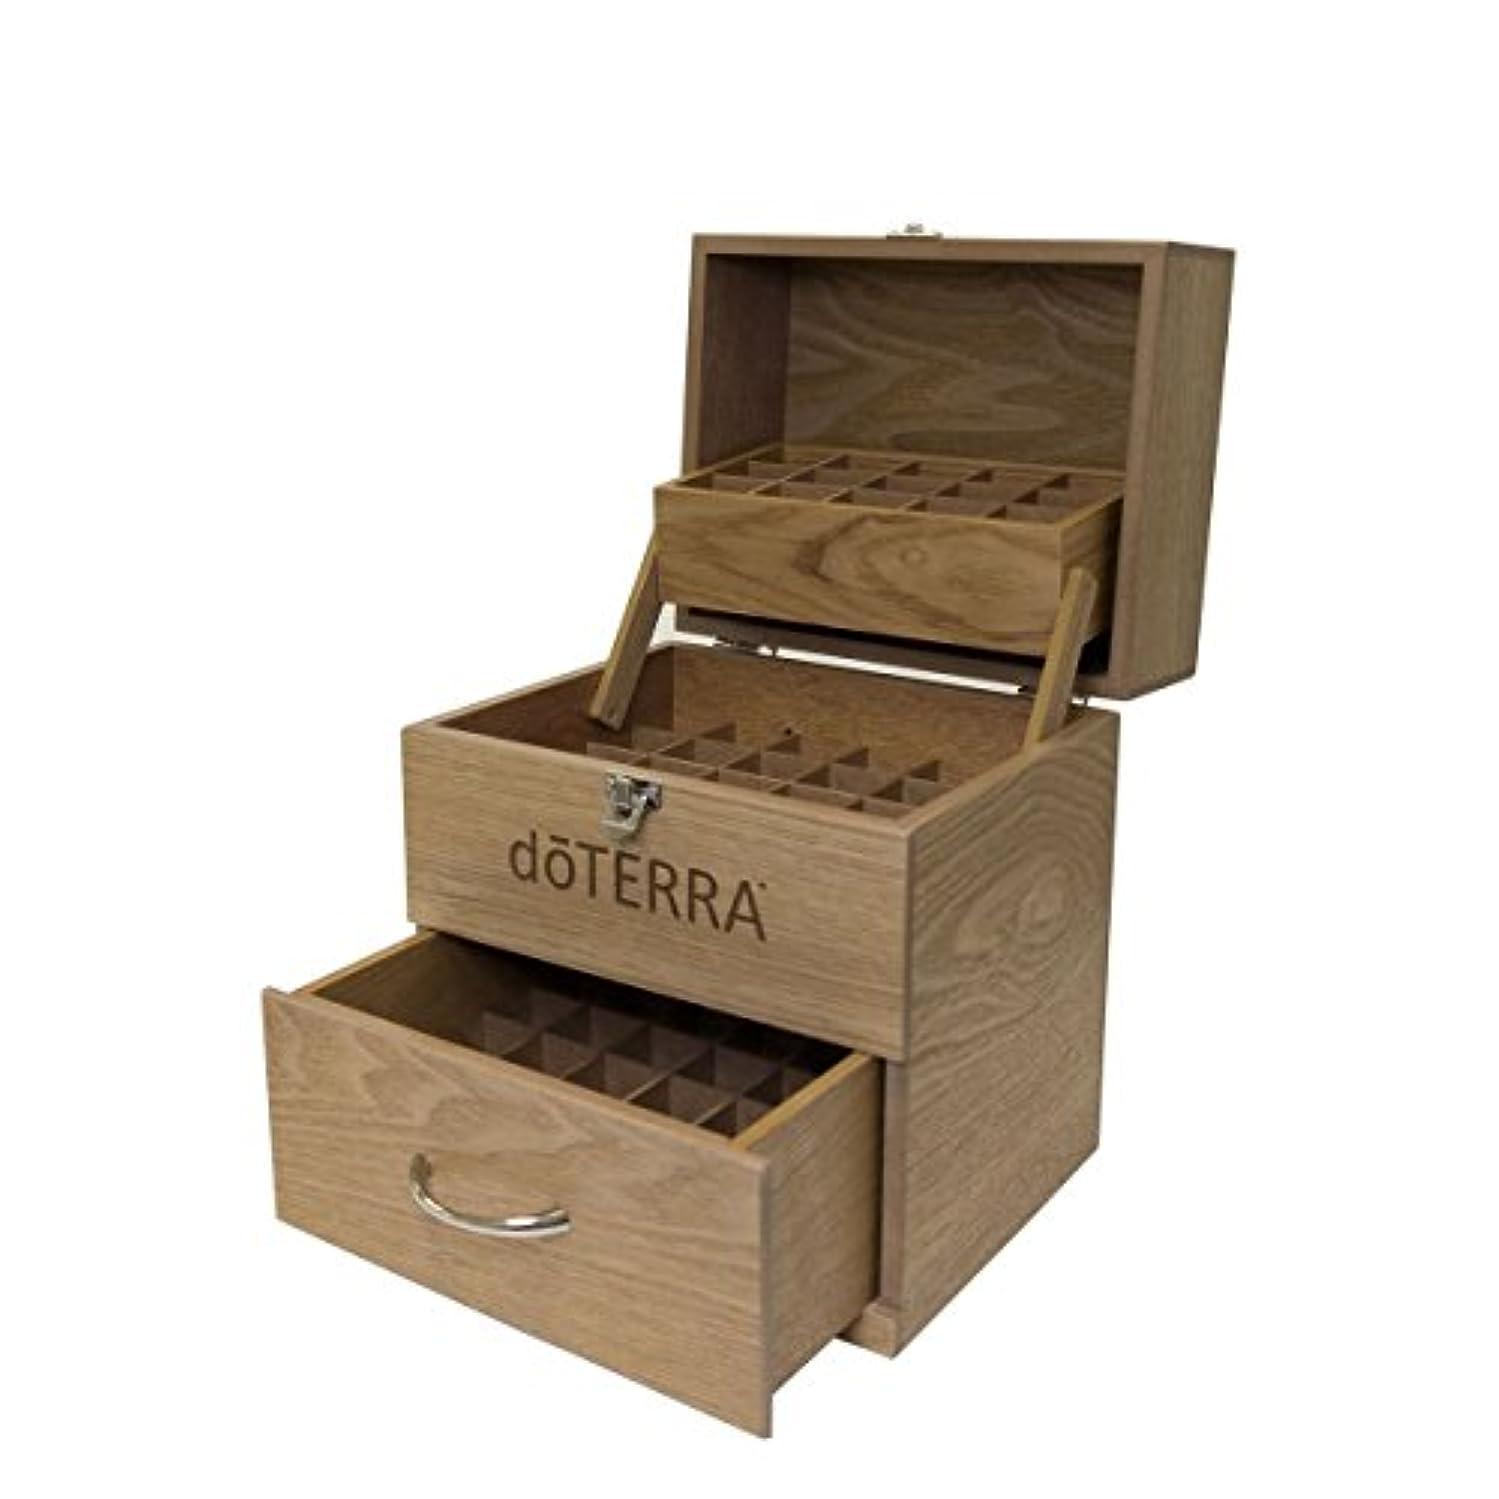 打ち上げるビバペイン(ドテラ) doTERRA ウッドボックス ライトブラウン 窓付き 木箱 エッセンシャルオイル 精油 整理箱 3段ボックス 75本